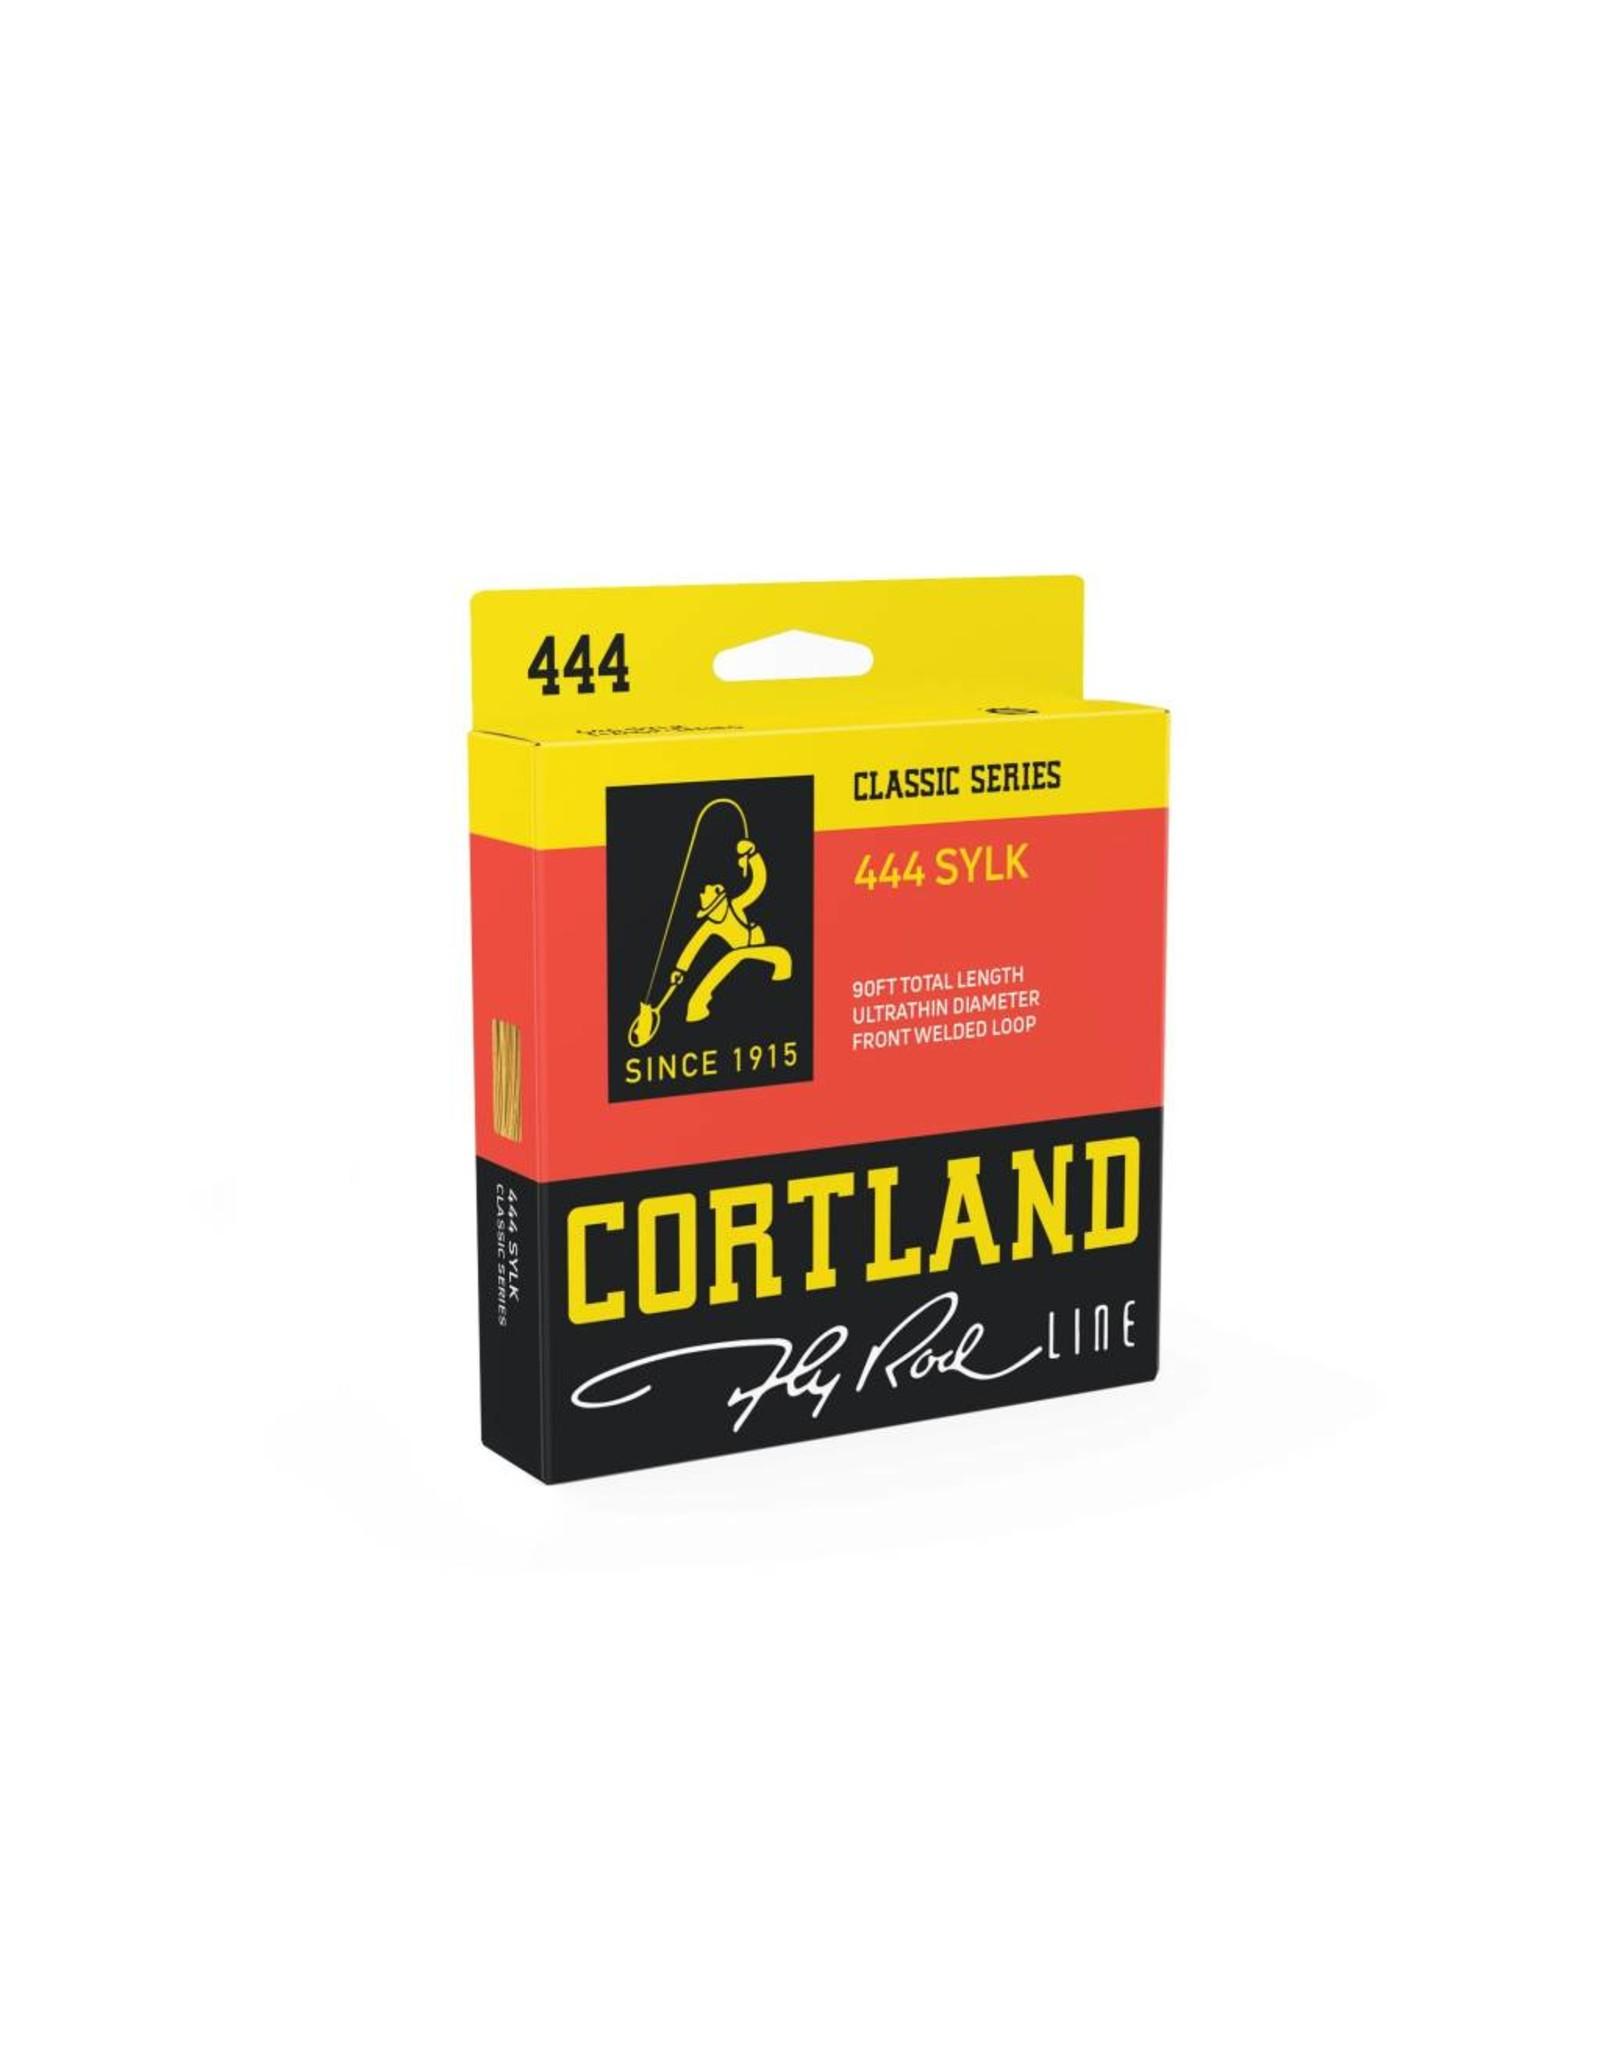 Cortland Cortland 444 Sylk